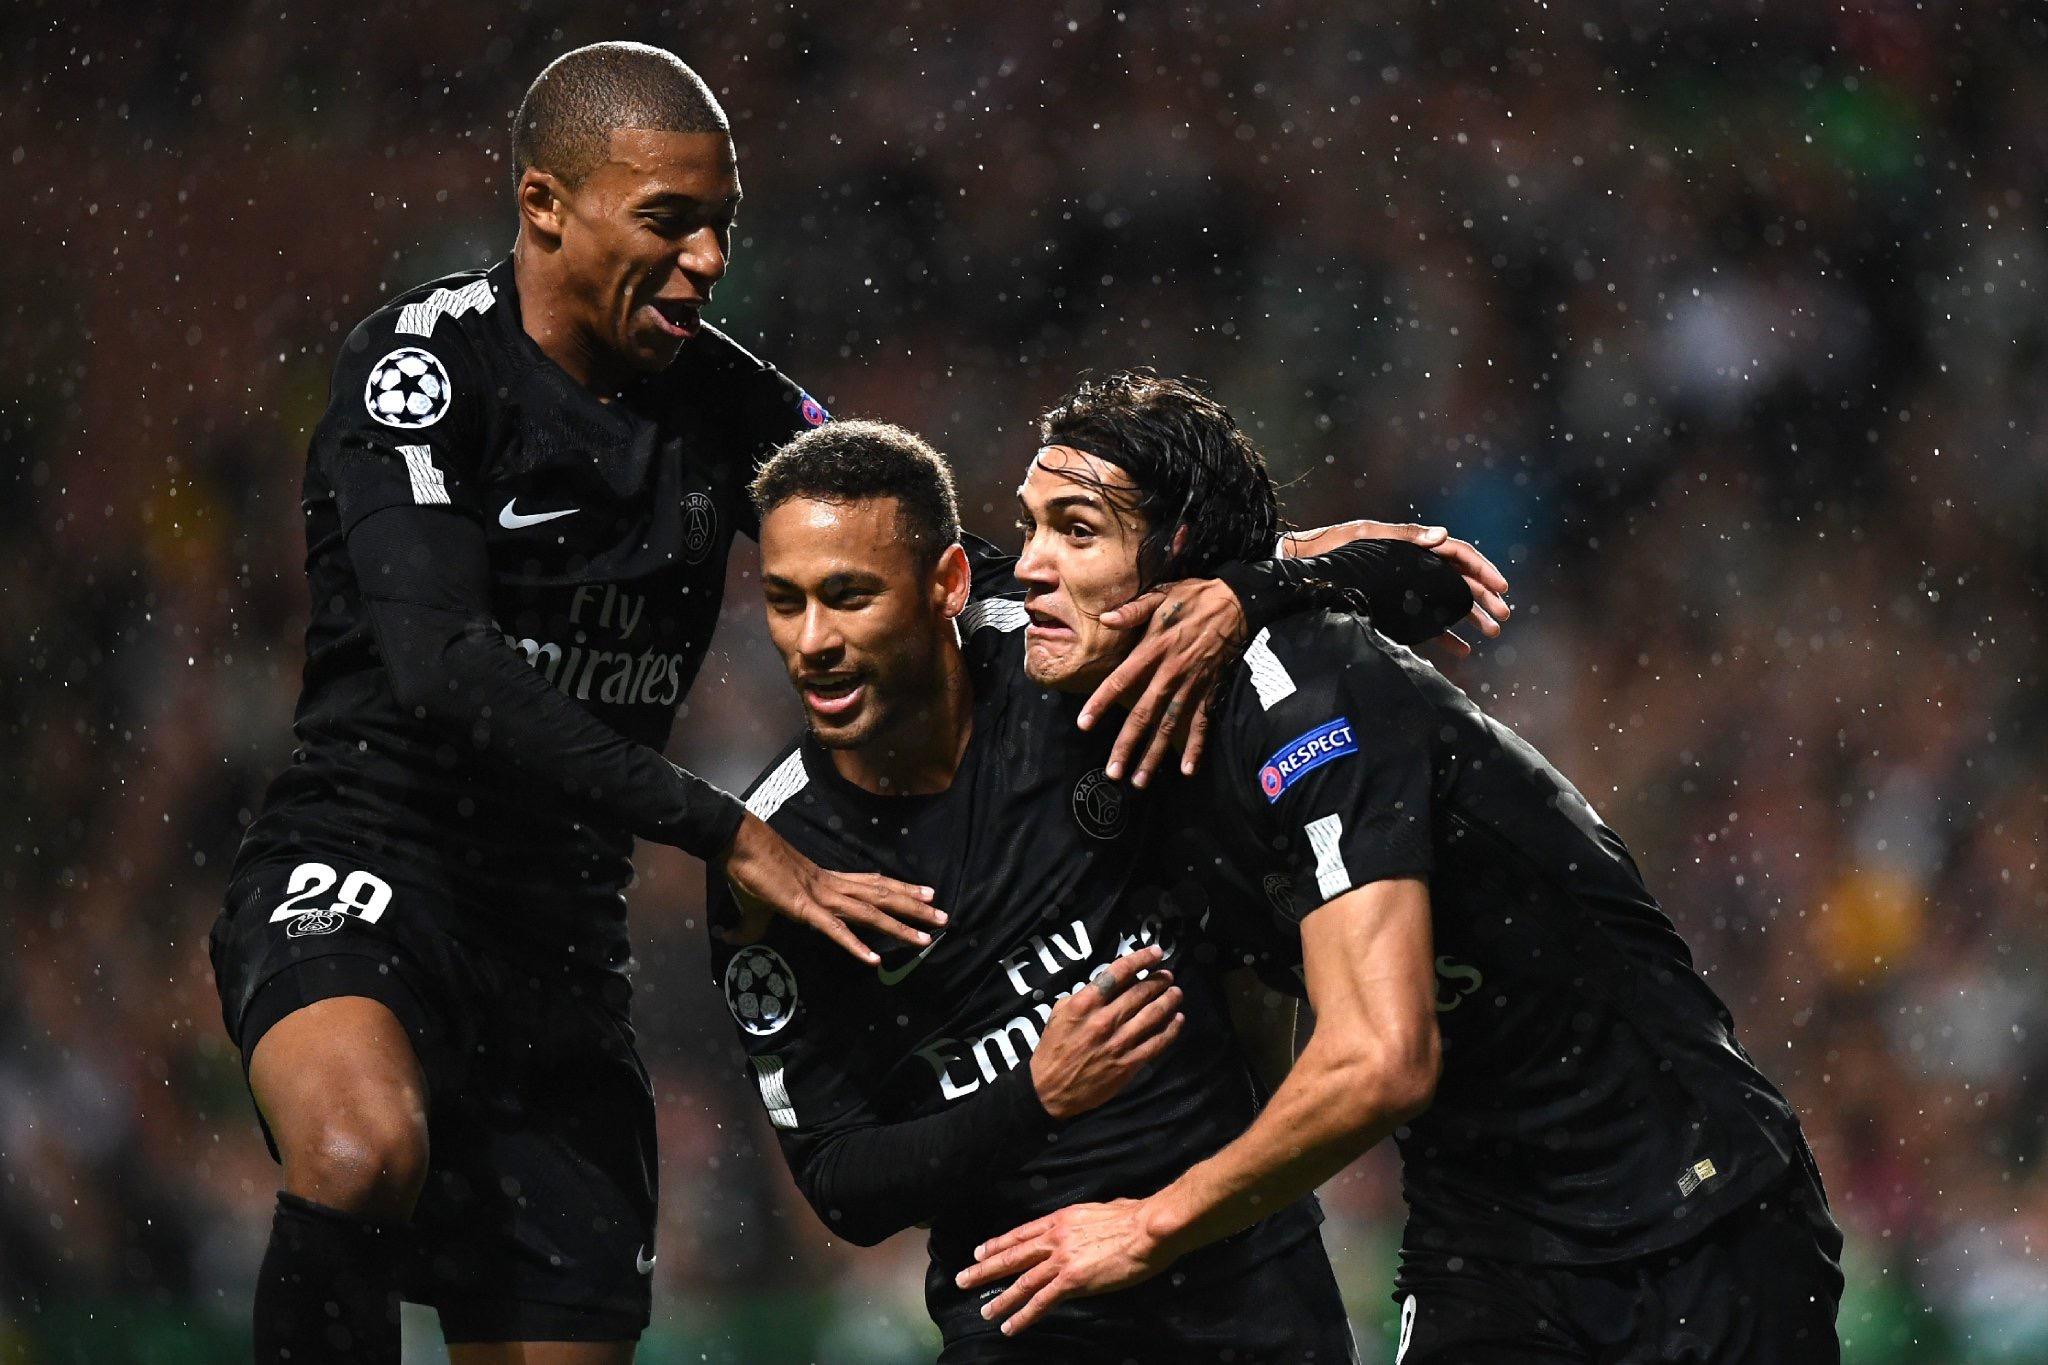 Première journée Ligue des Champions : (1ère mi-temps) Neymar Mbappé et Cavani donnent de l'avantage au Psg